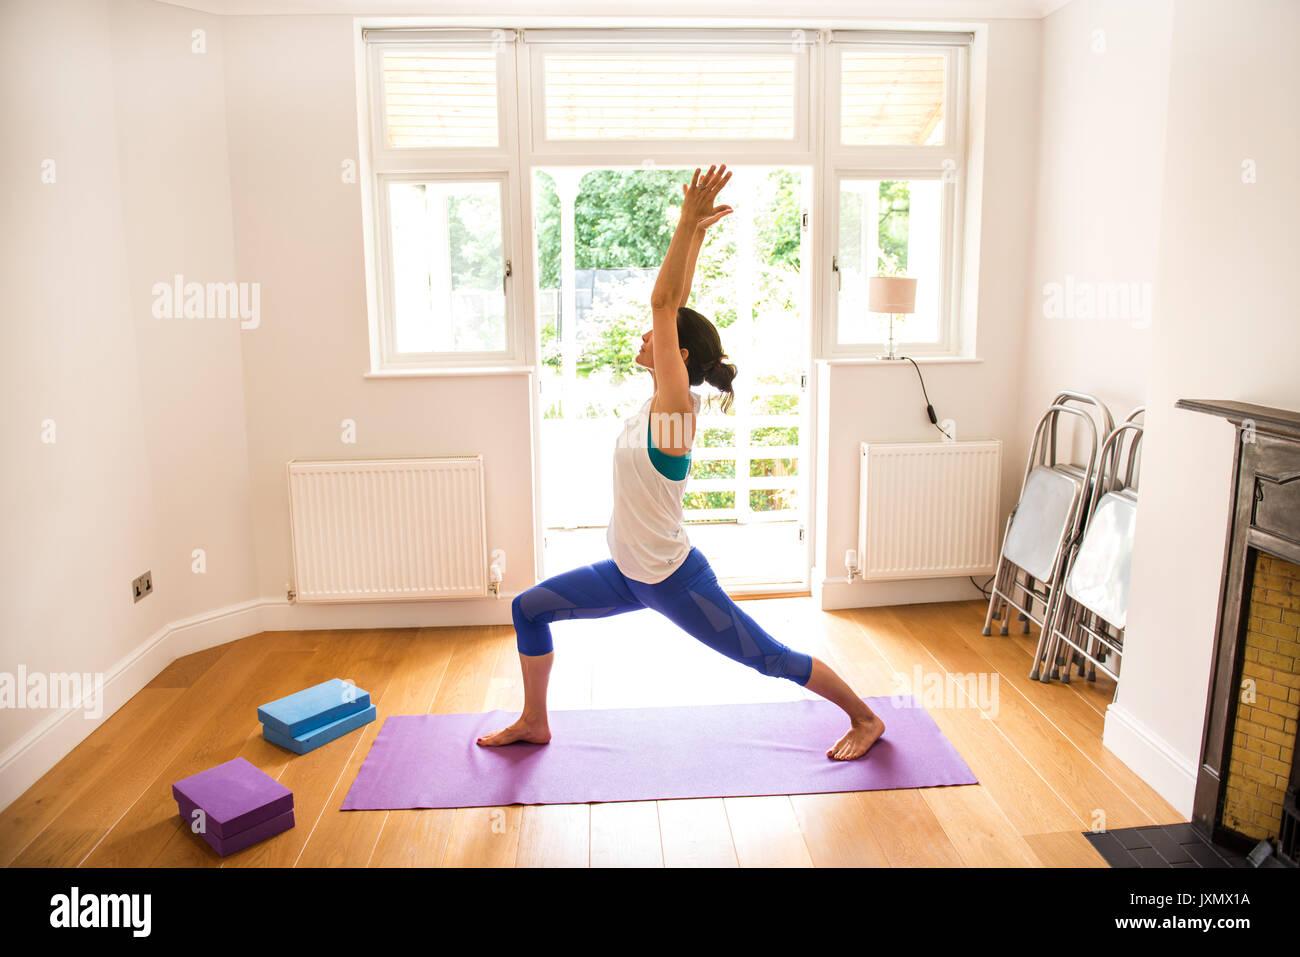 Vista lateral de la mujer los brazos levantados en posición de yoga Imagen De Stock